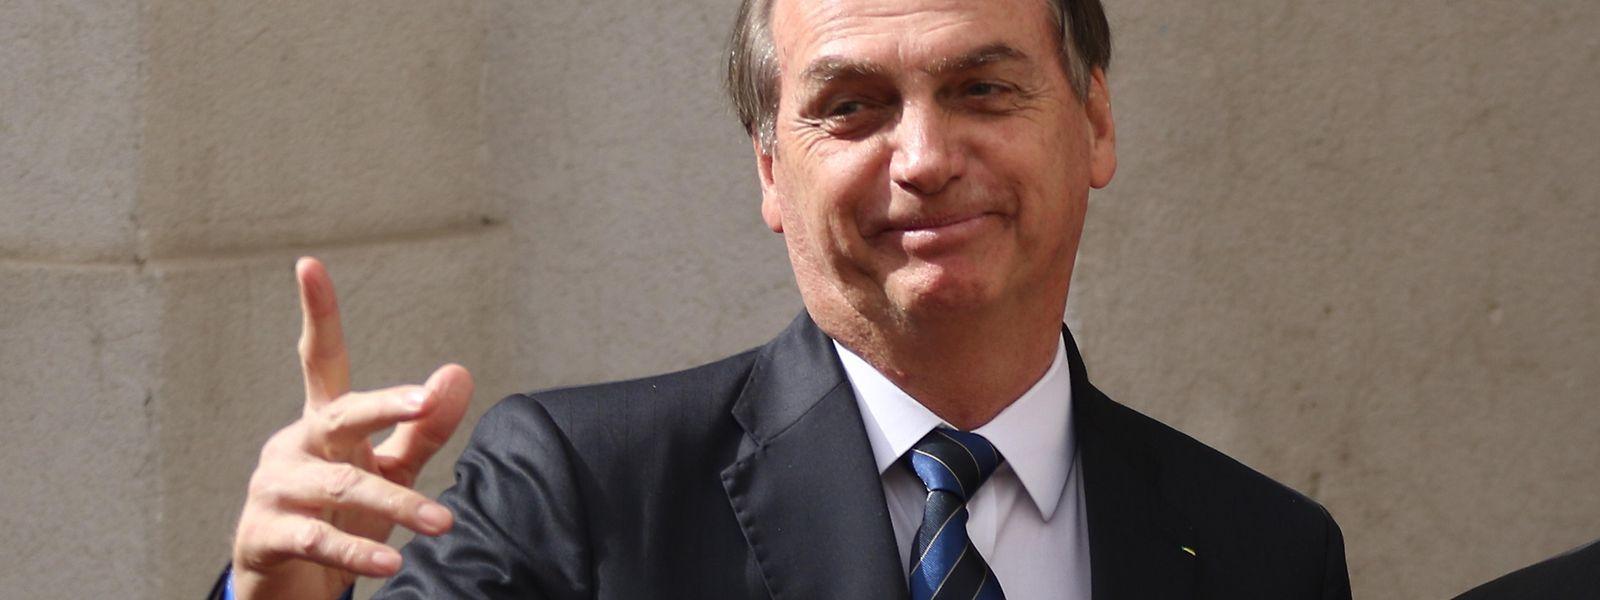 Nach 18 Monaten im Amt hat Brasiliens Präsident Jair Bolsonaro ganze Arbeit geleistet.